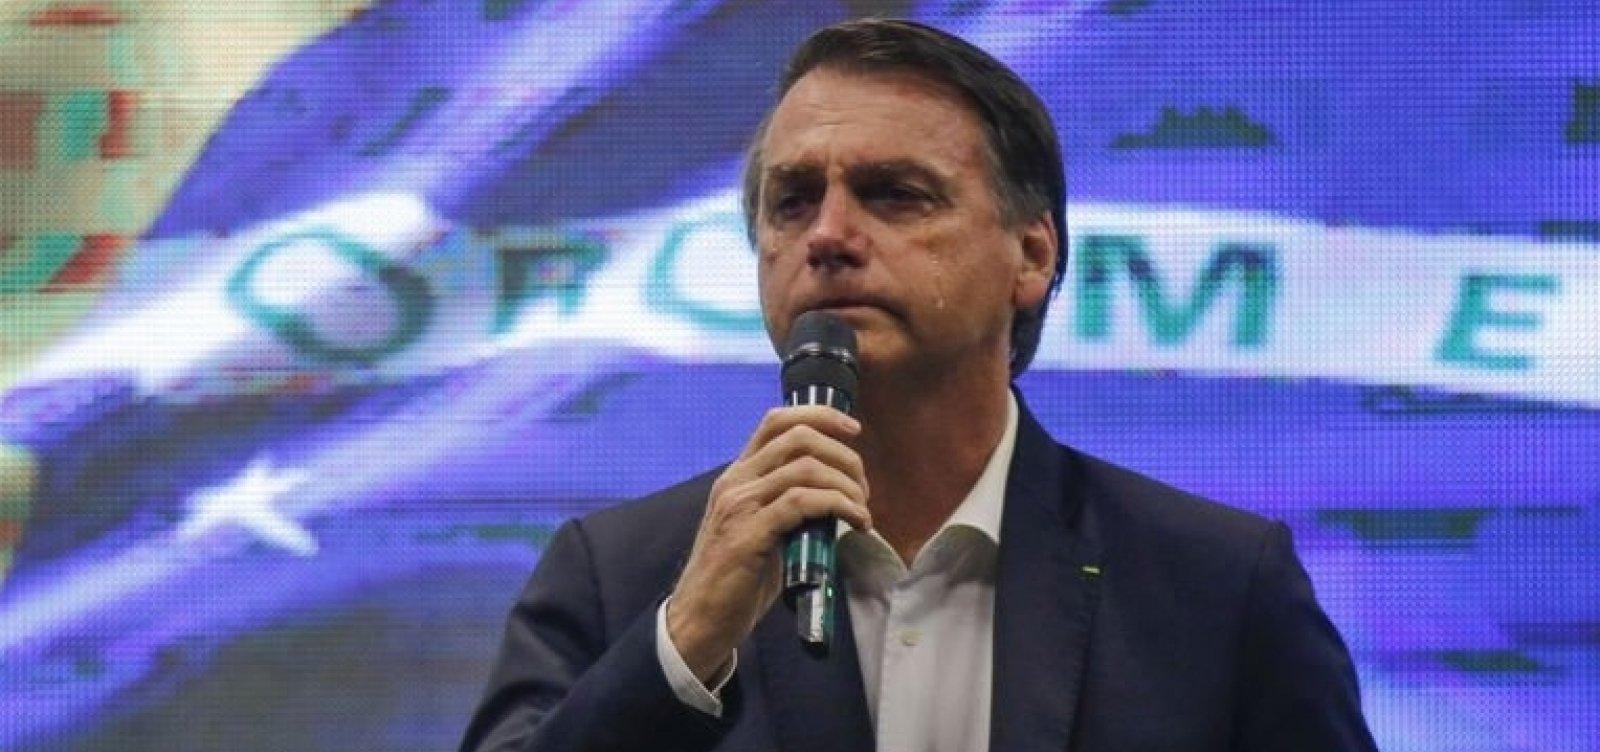 'Que Deus receba essas vidas de braços abertos', diz Bolsonaro sobre morte de Gabriel Diniz e tripulantes